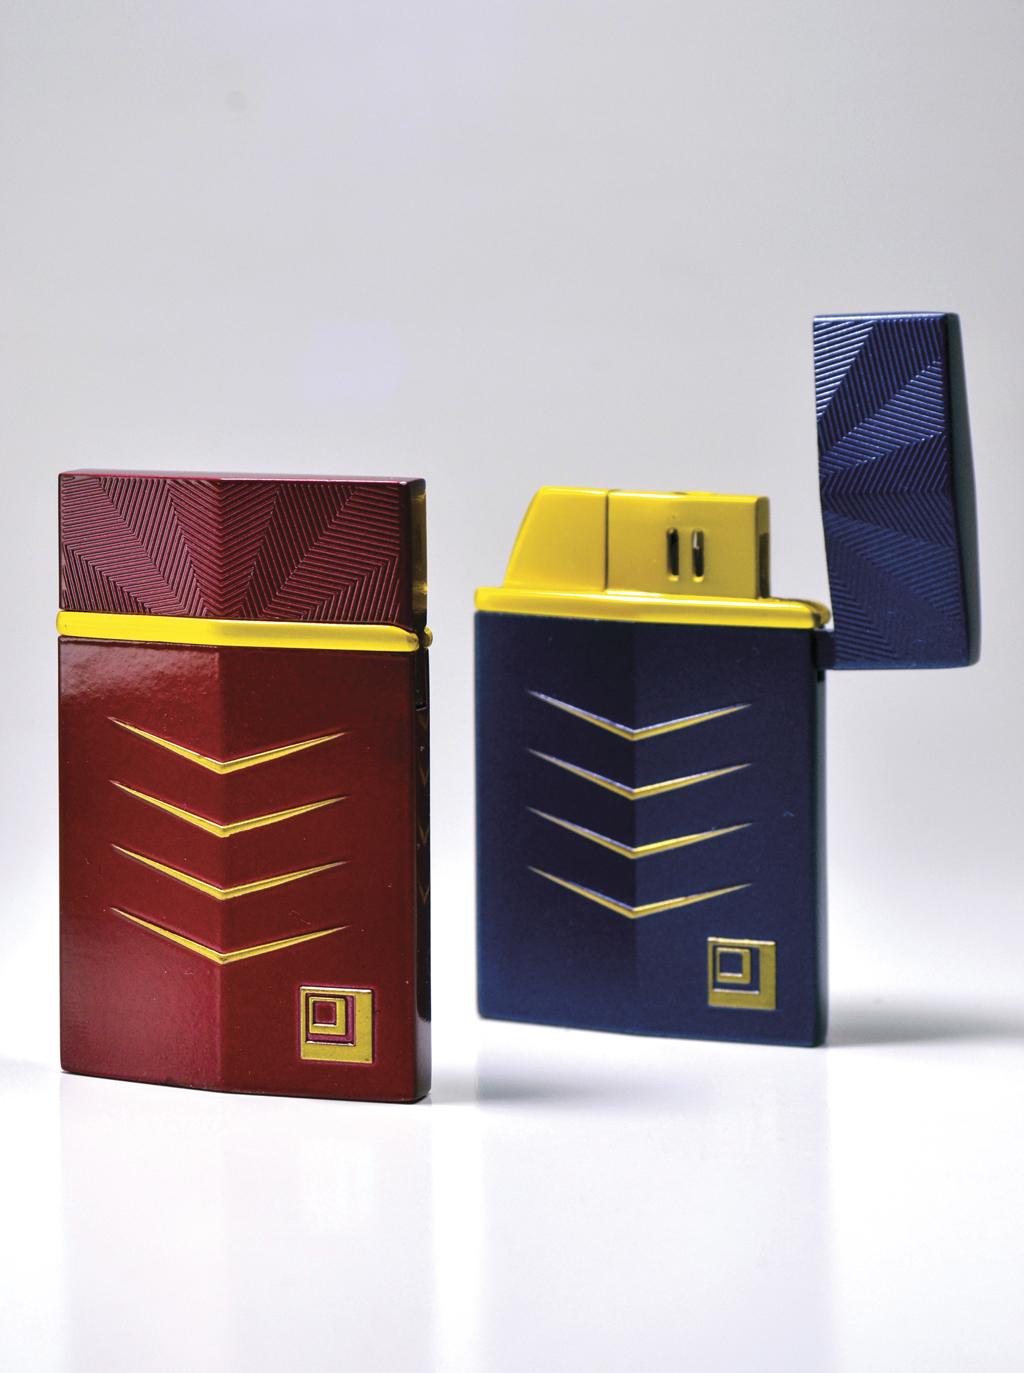 Cigarette lighters for Godfrey Phillips India's domestic tobacco brand FS1